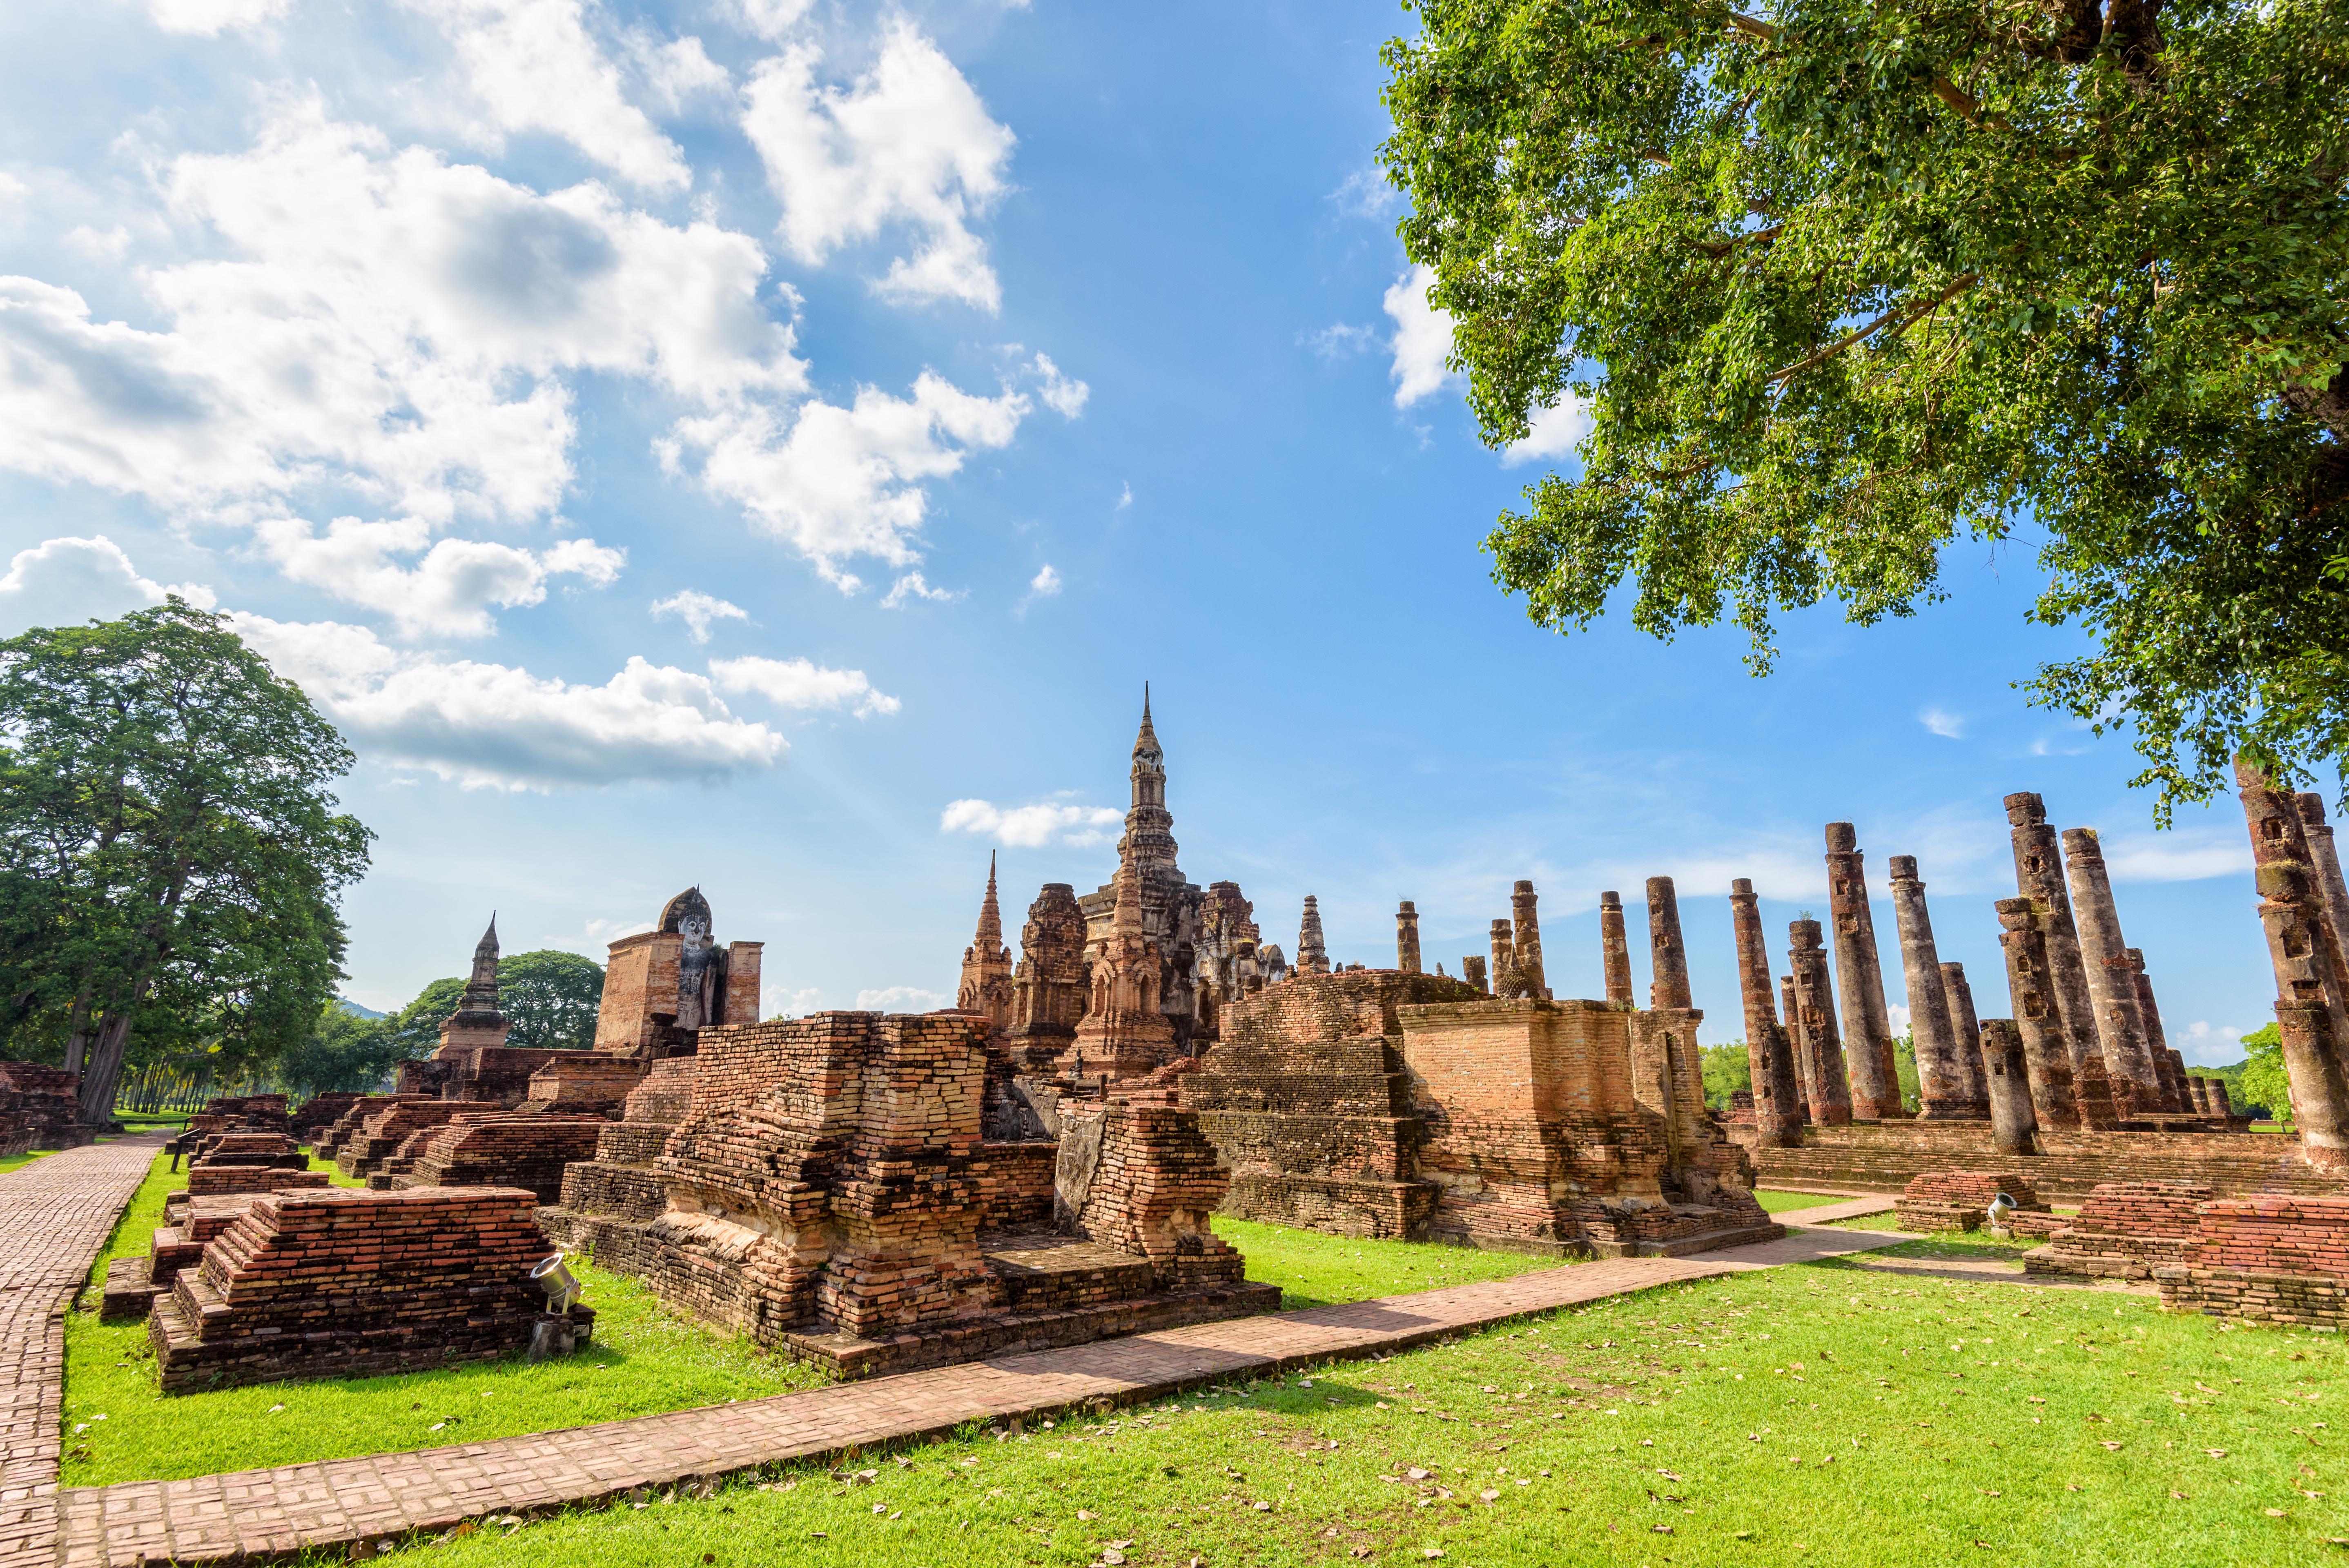 Descubre el parque histórico de Sukhotai - Tailandia Gran Viaje Tailandia al completo